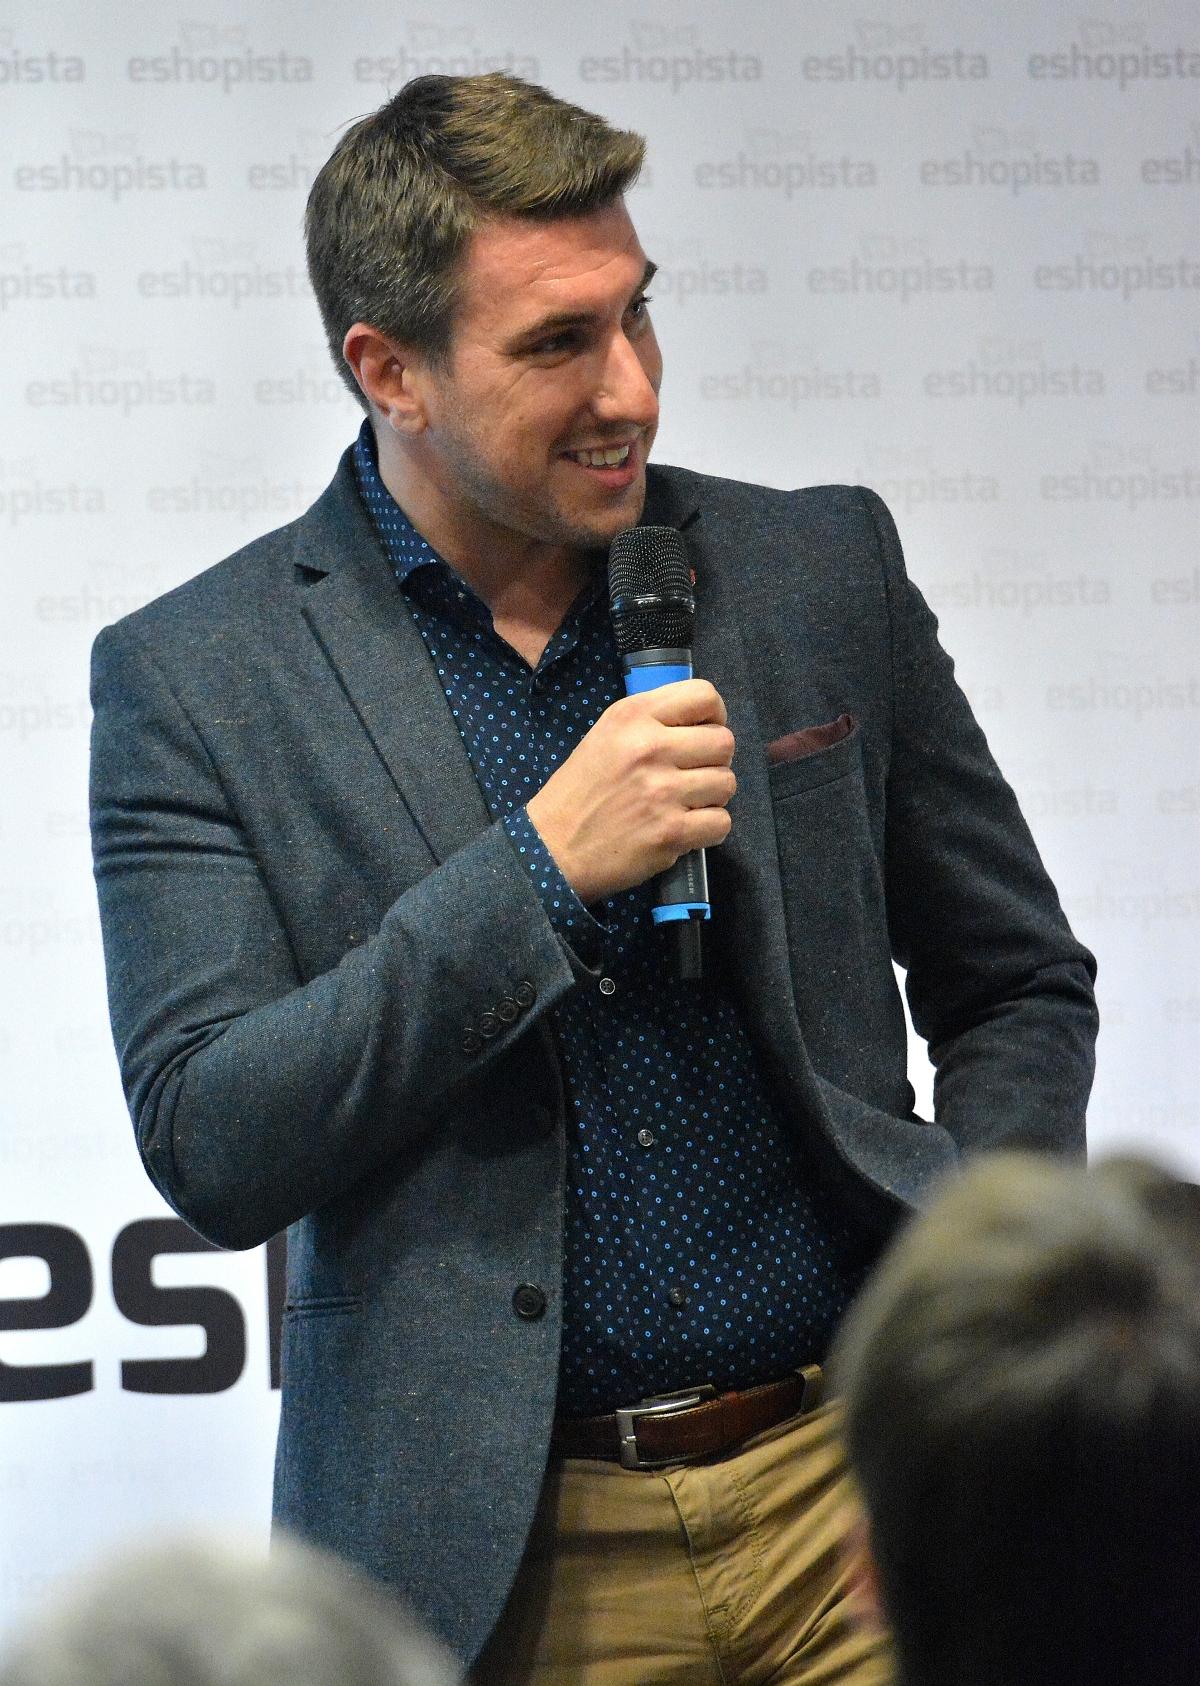 Tomáš Čupr na debatě z cyklu Eshopista